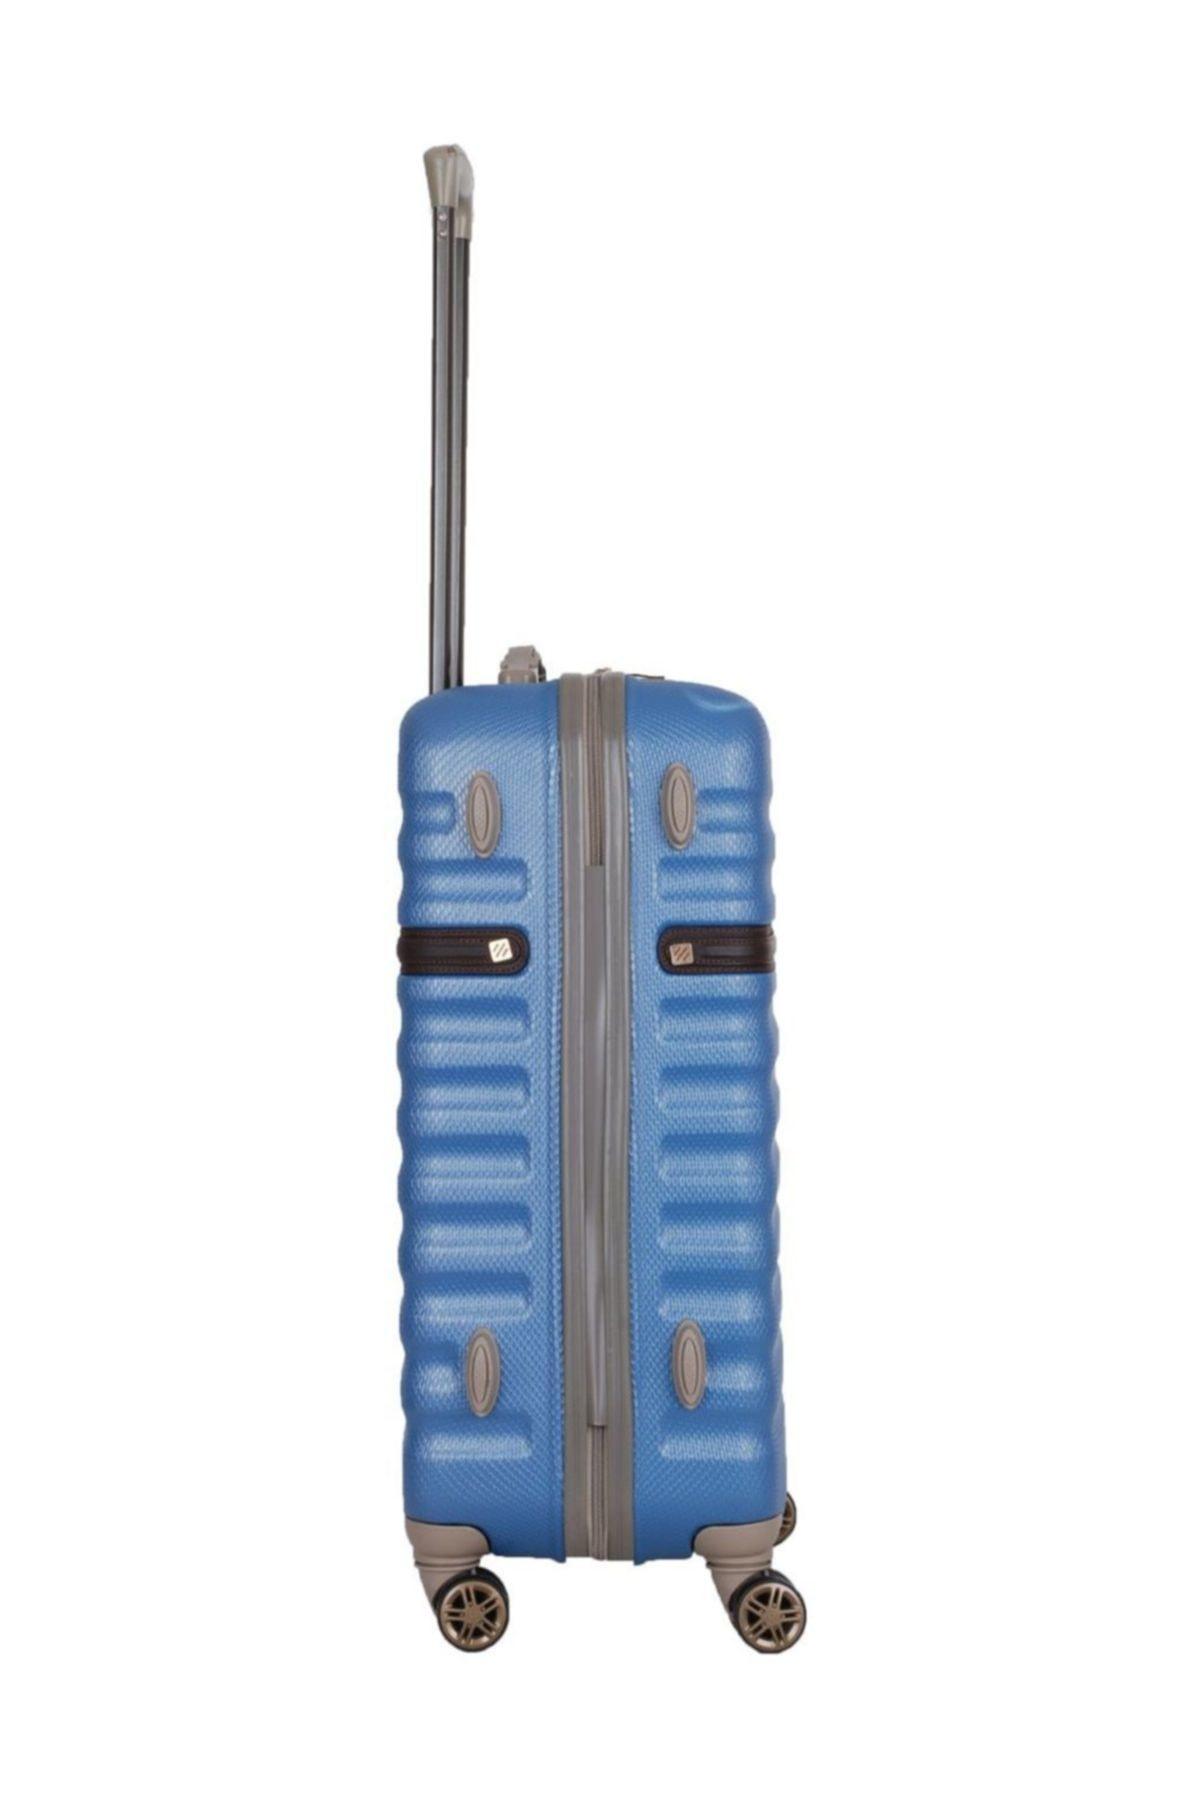 Baggaj Unisex Mavi Orta Boy Abs Yerli Valiz V304 65 Cm